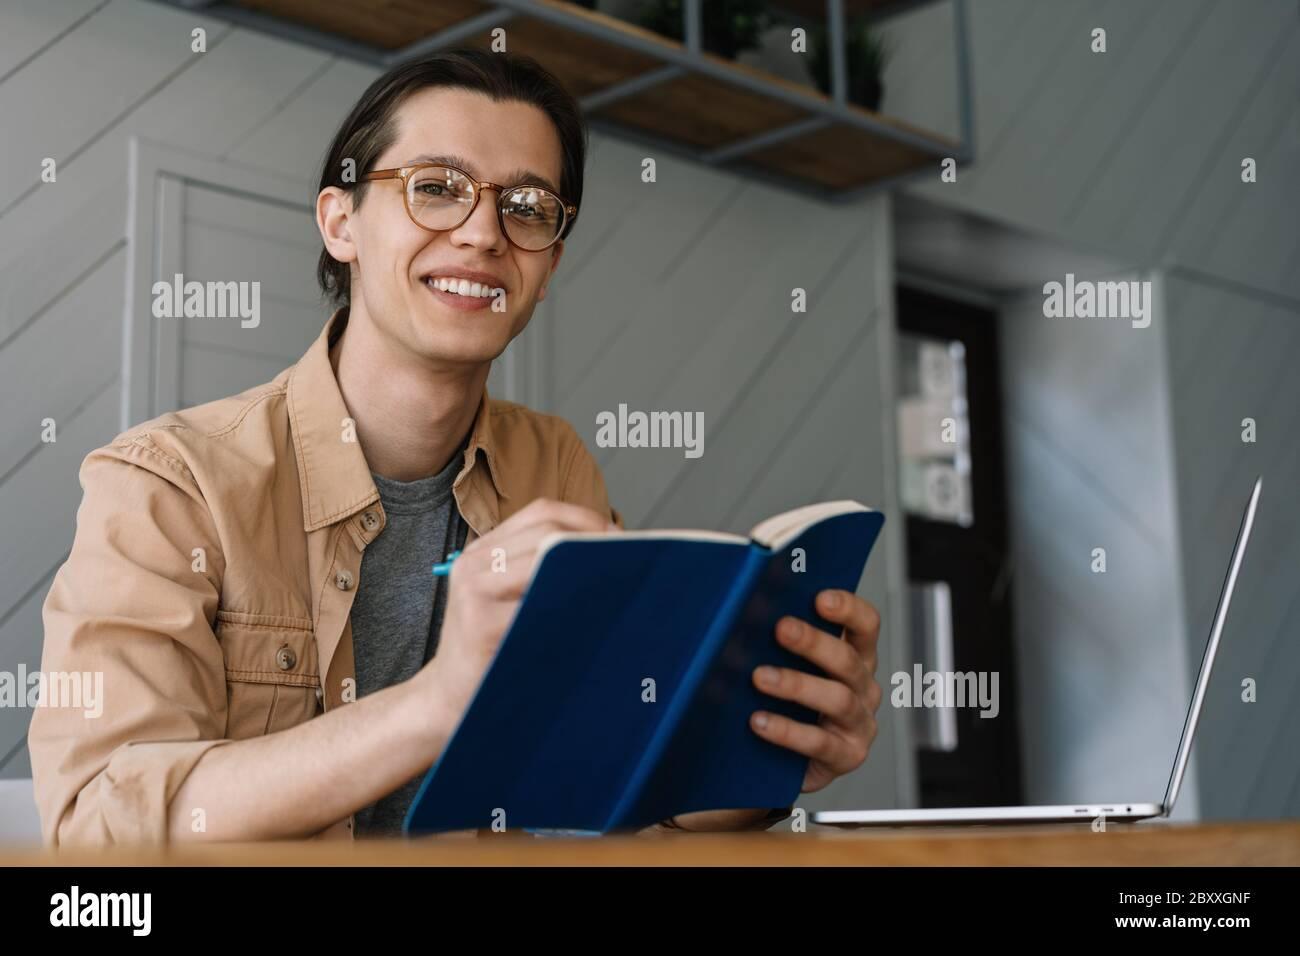 Studente che studia, a distanza. Uomo hipster sorridente prendendo appunti in notebook, lavorando progetto freelance da casa Foto Stock